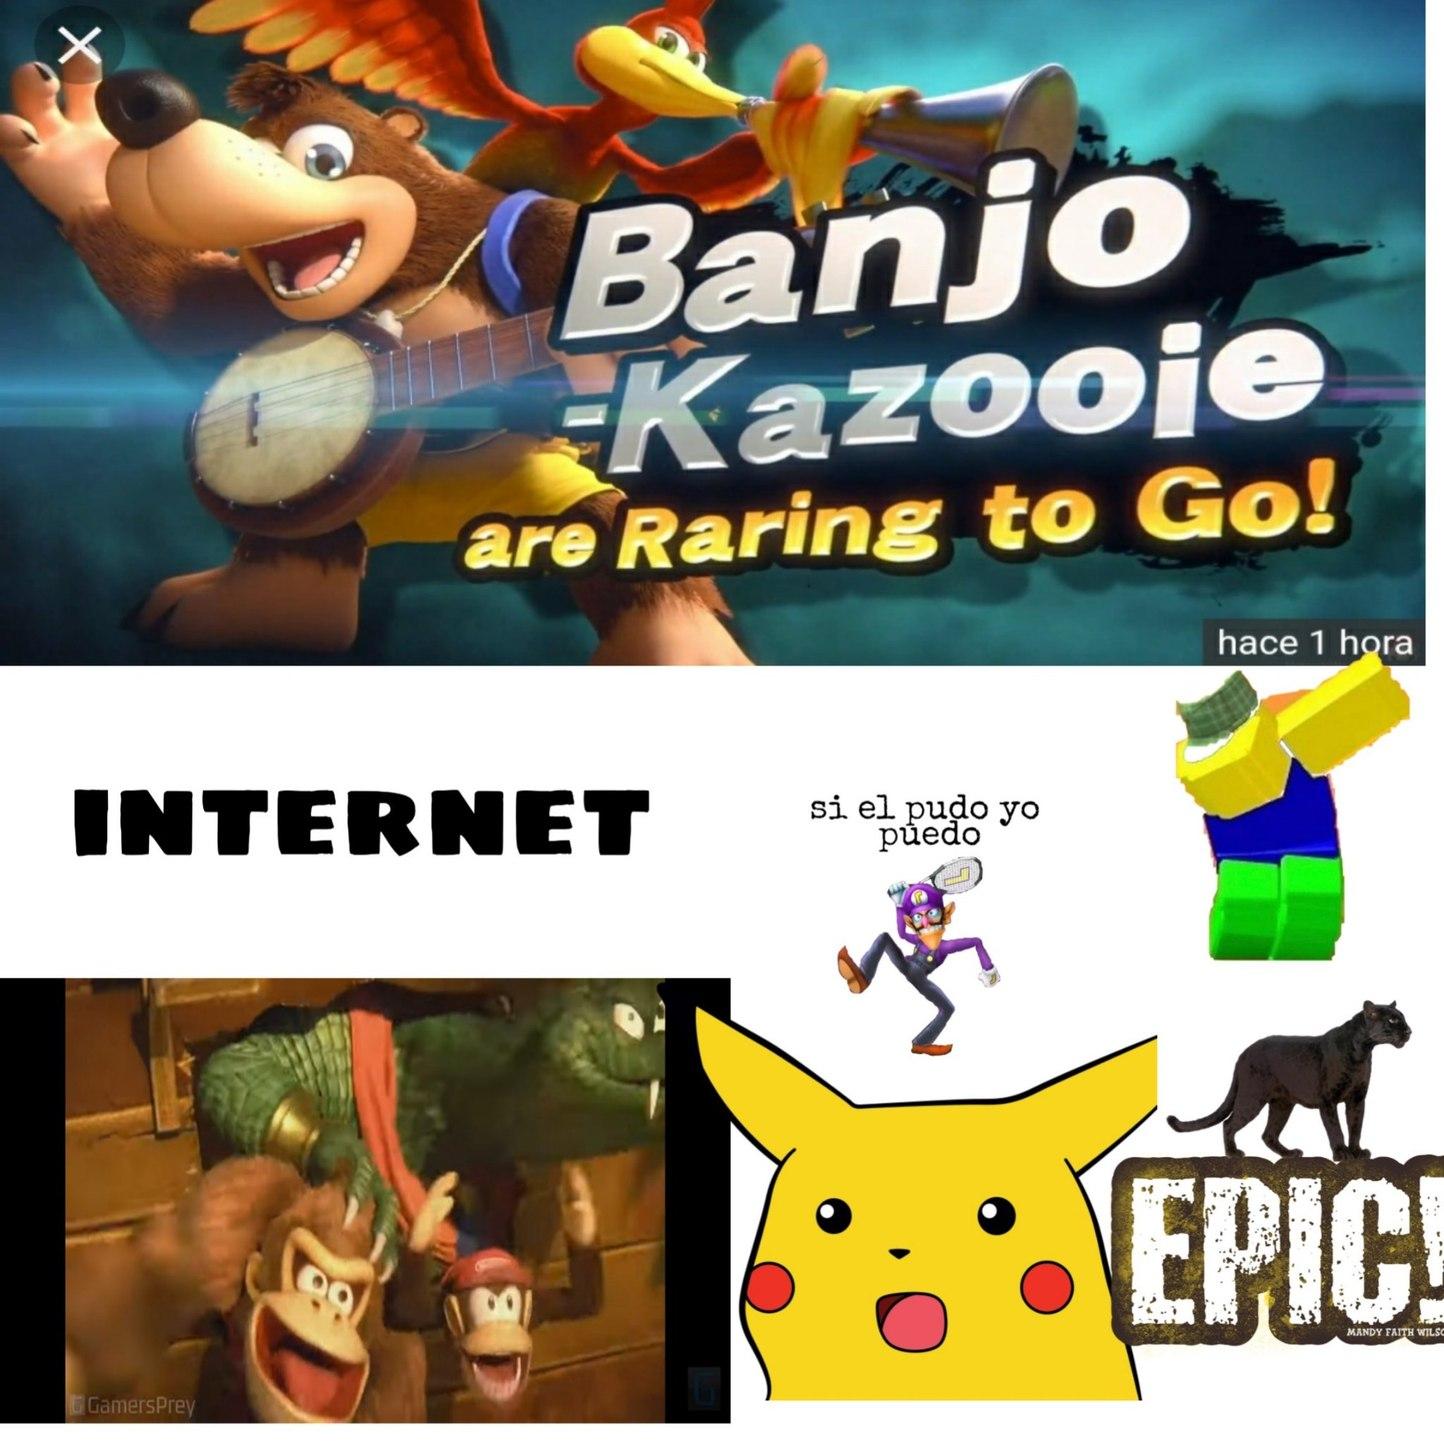 Banjo y kazooie - meme